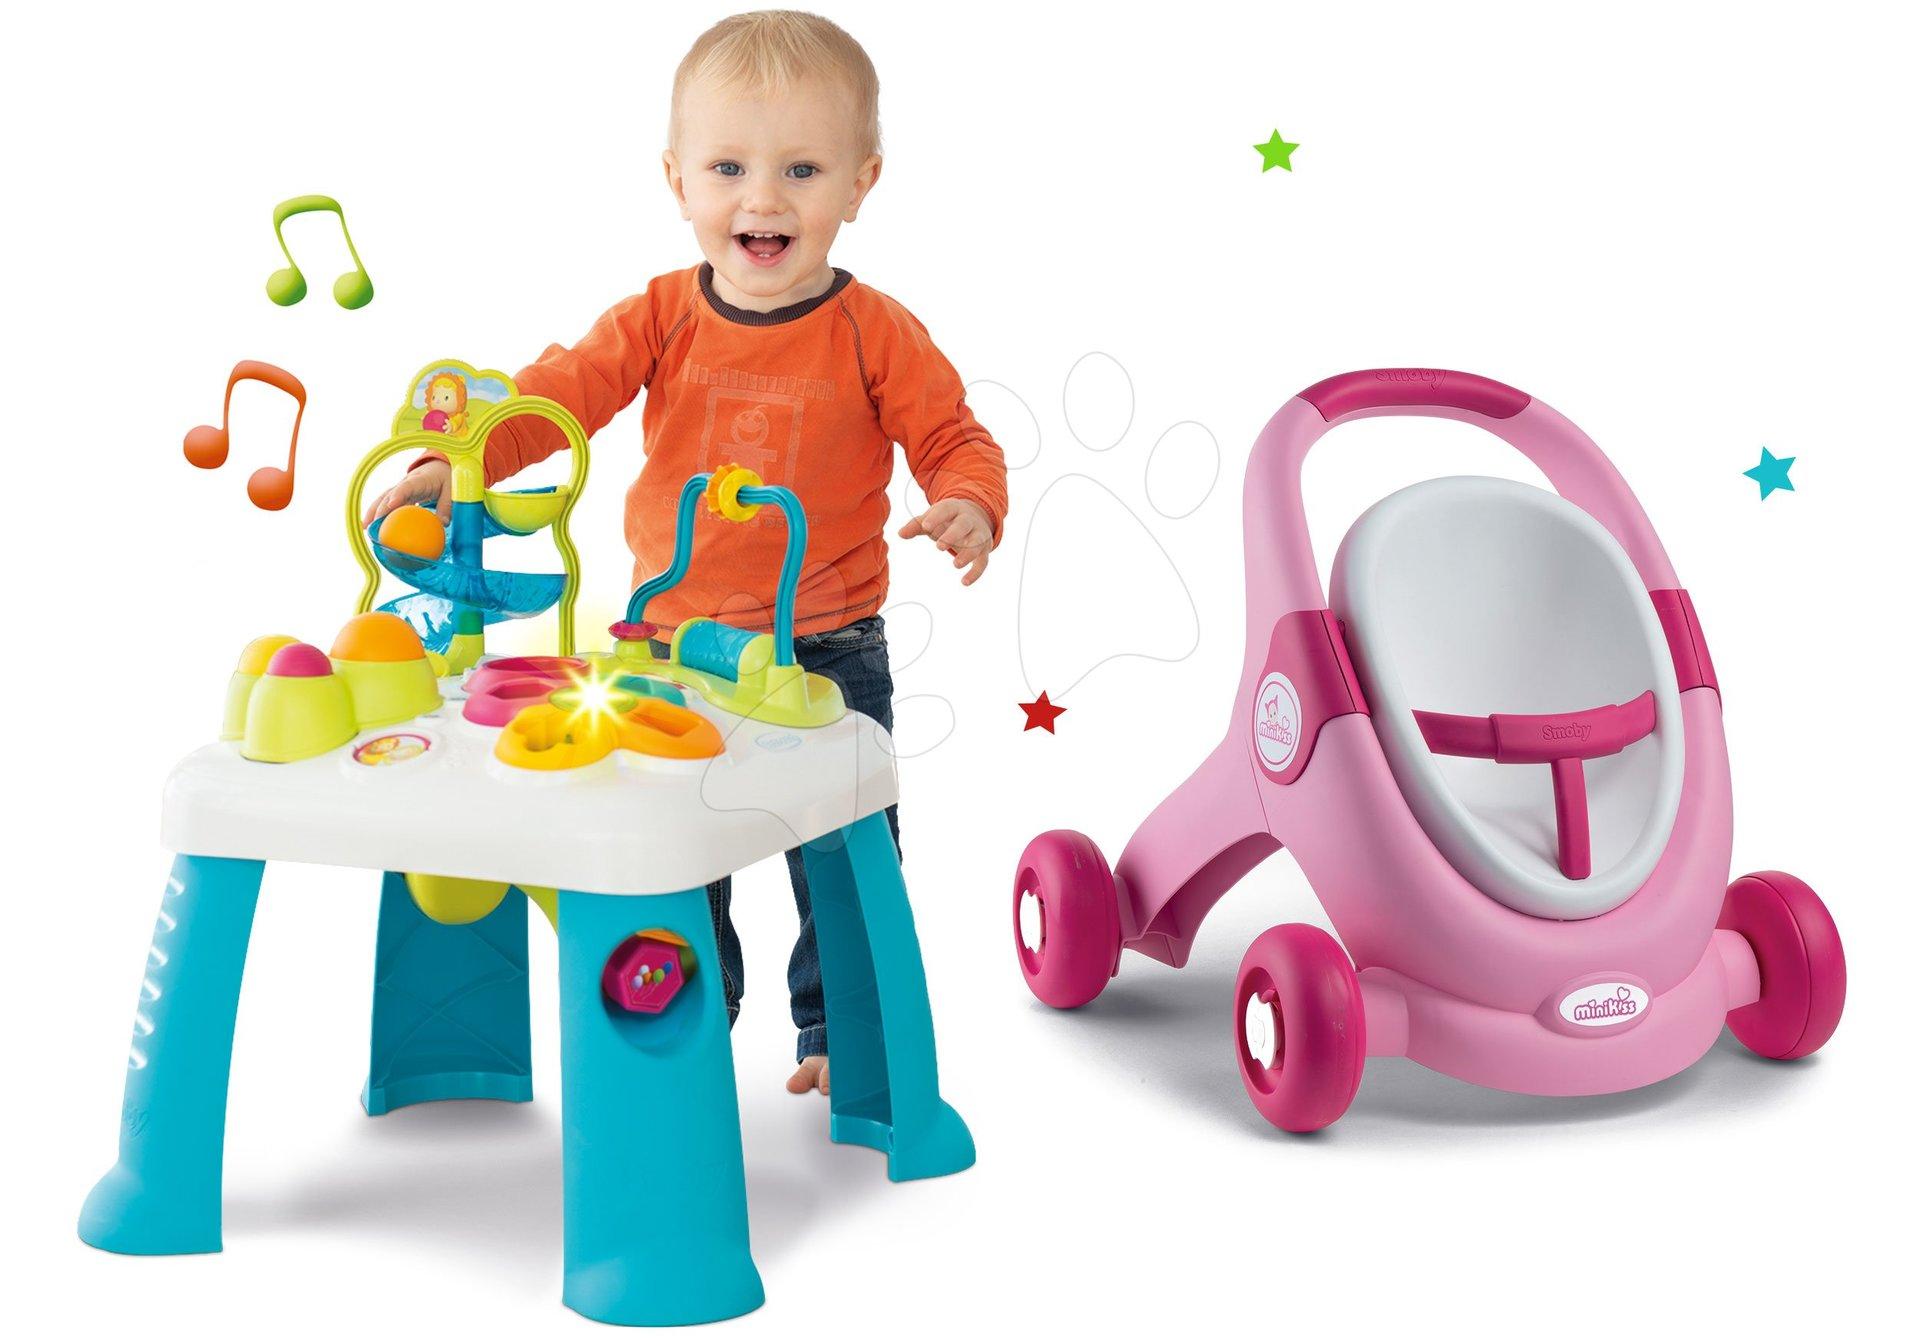 Set didaktický stôl Activity Table Cotoons Smoby so zvukom svetlom a chodítko a kočík s autosedačkou MiniKiss 3v1 s brzdou